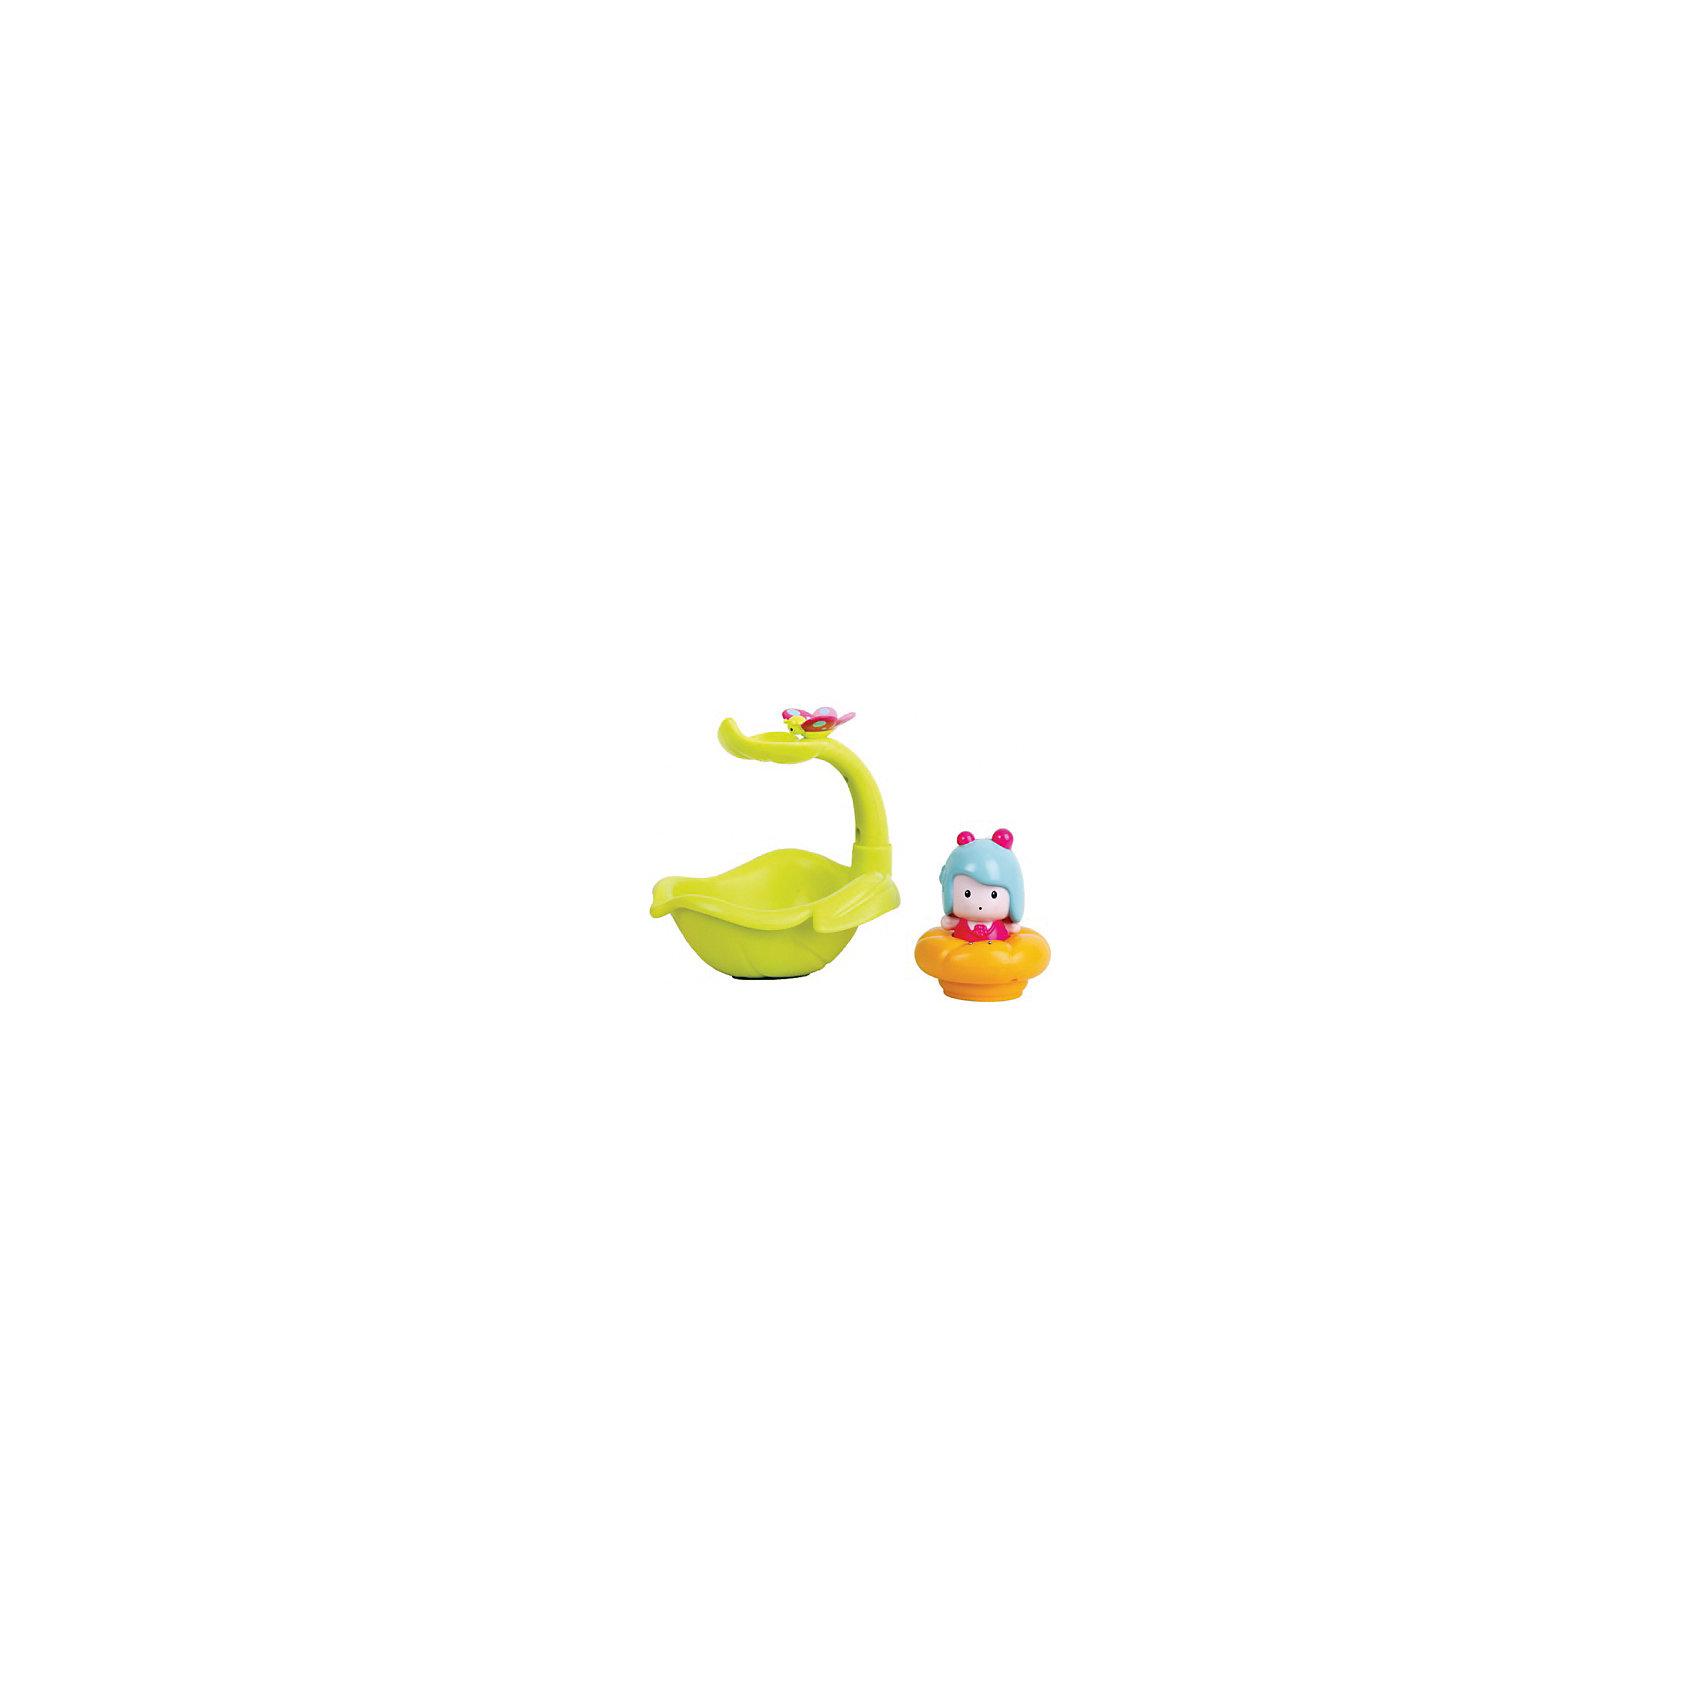 Ouaps Интерактивная игрушка Листочек-фонтан Мими для ванной, Ouaps